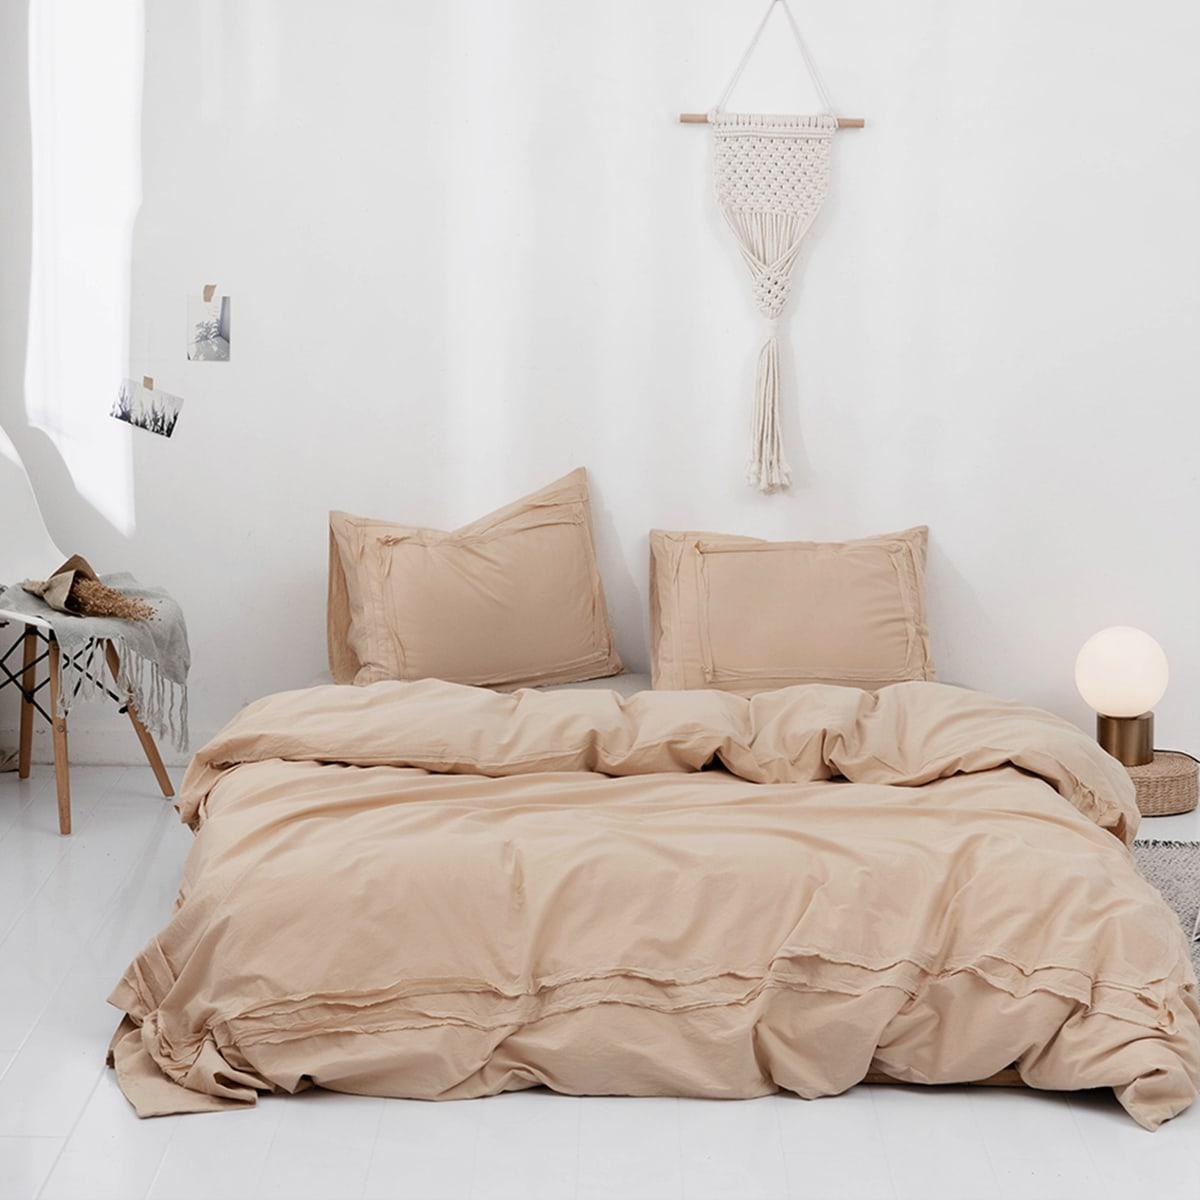 Комплект постельного белья без наполнителя фото